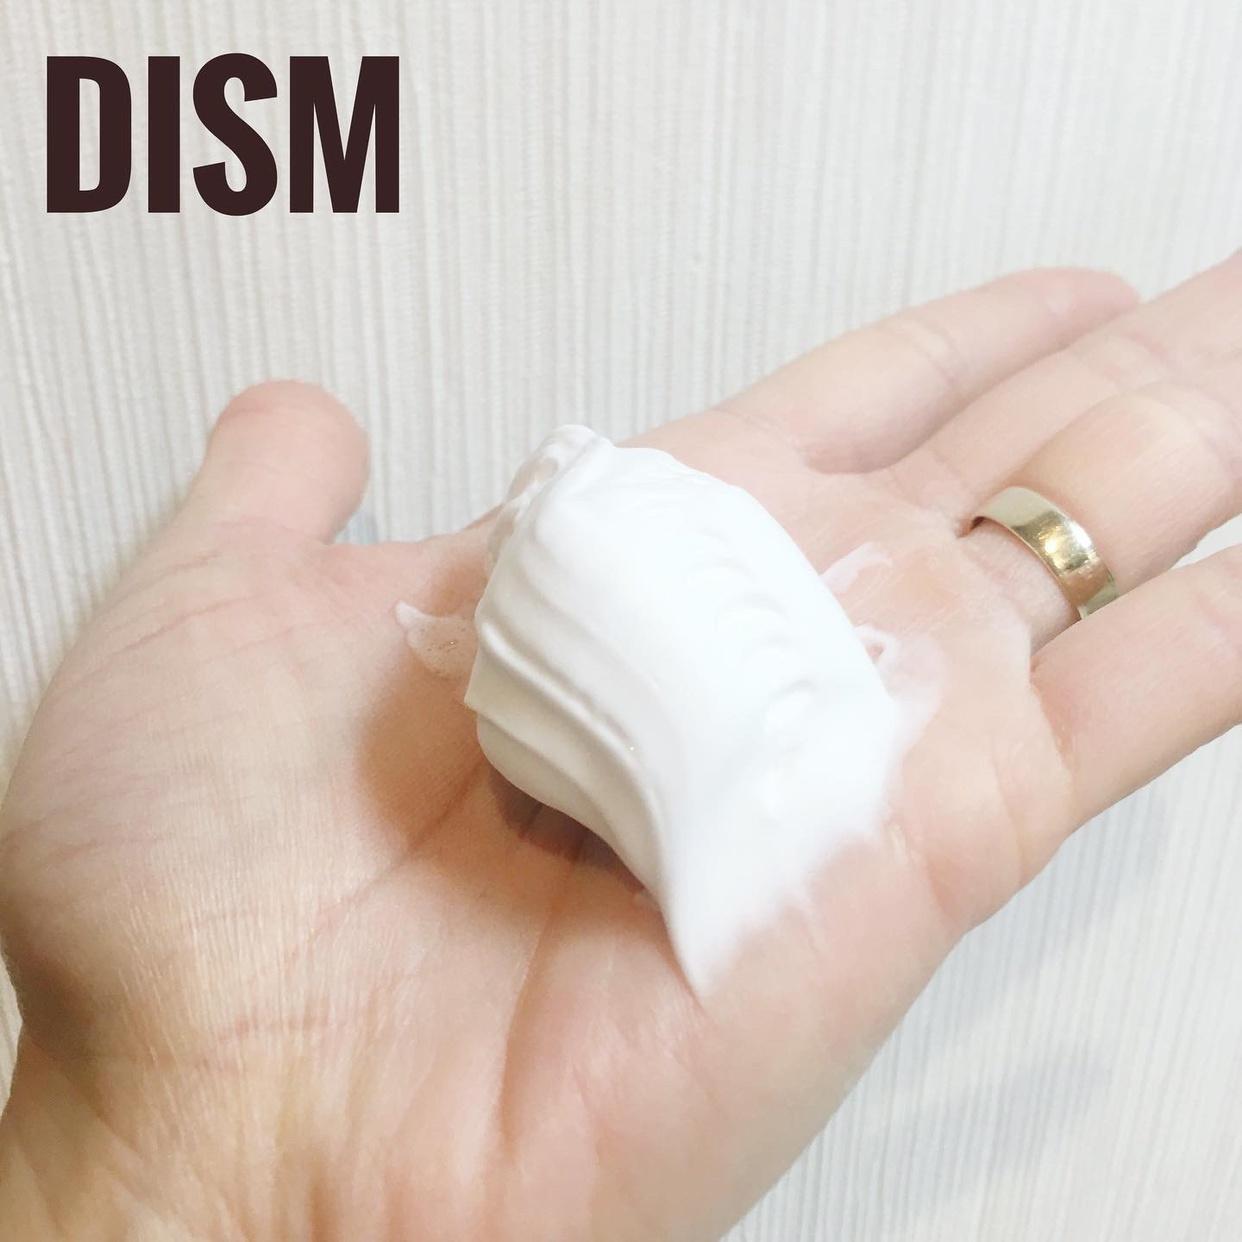 DISM(ディズム) オールインワンジェルの良い点・メリットに関する有姫さんの口コミ画像3